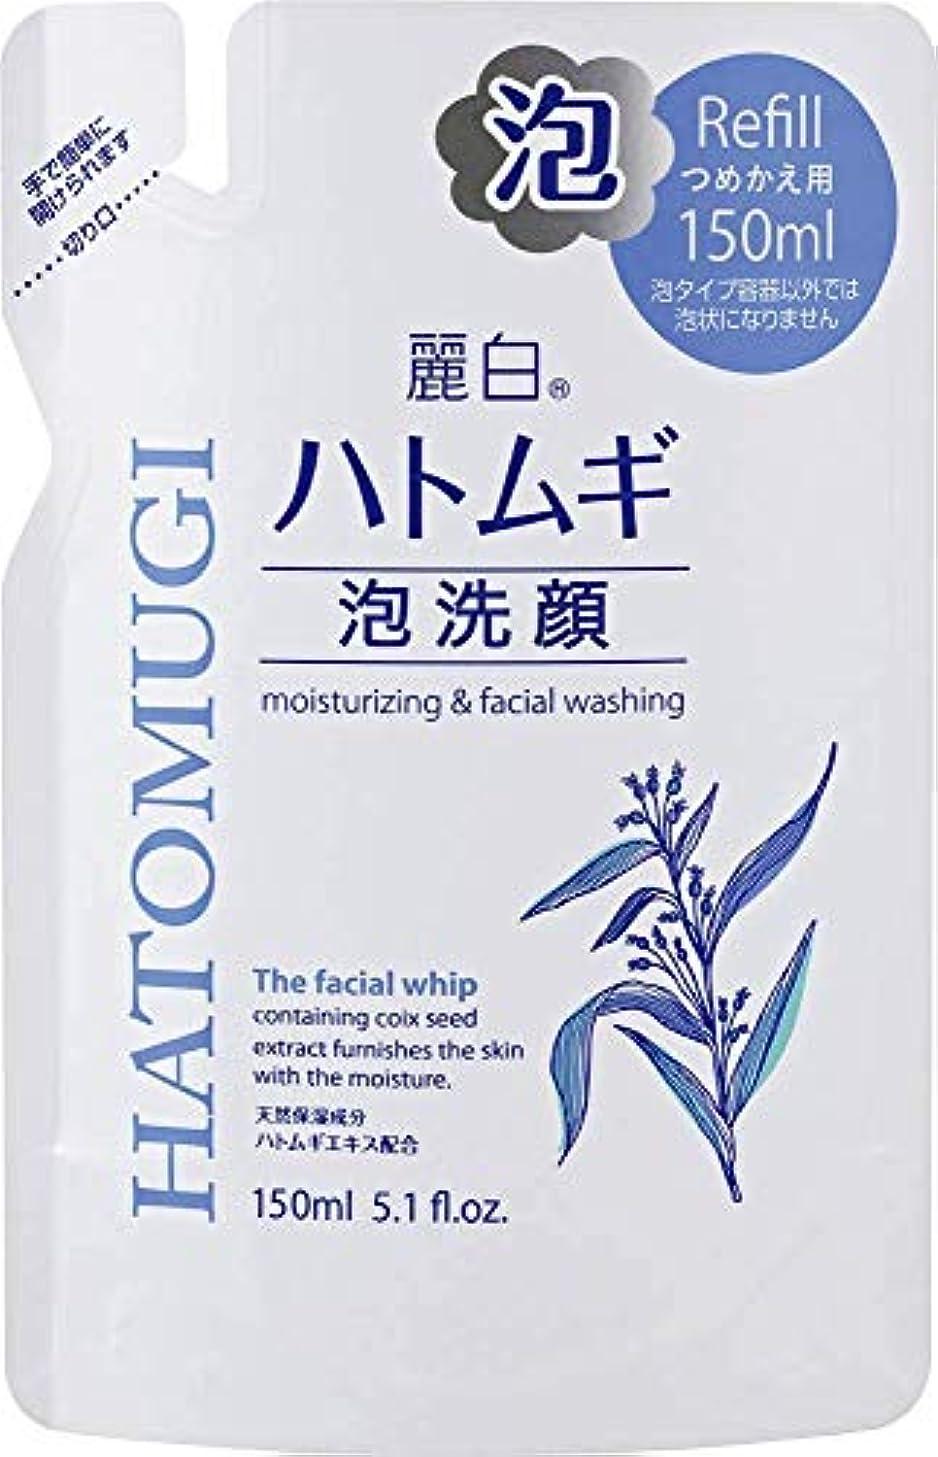 夜の動物園同僚挑発する熊野油脂 麗白 ハトムギ泡洗顔 つめかえ用 150mL 4513574029576